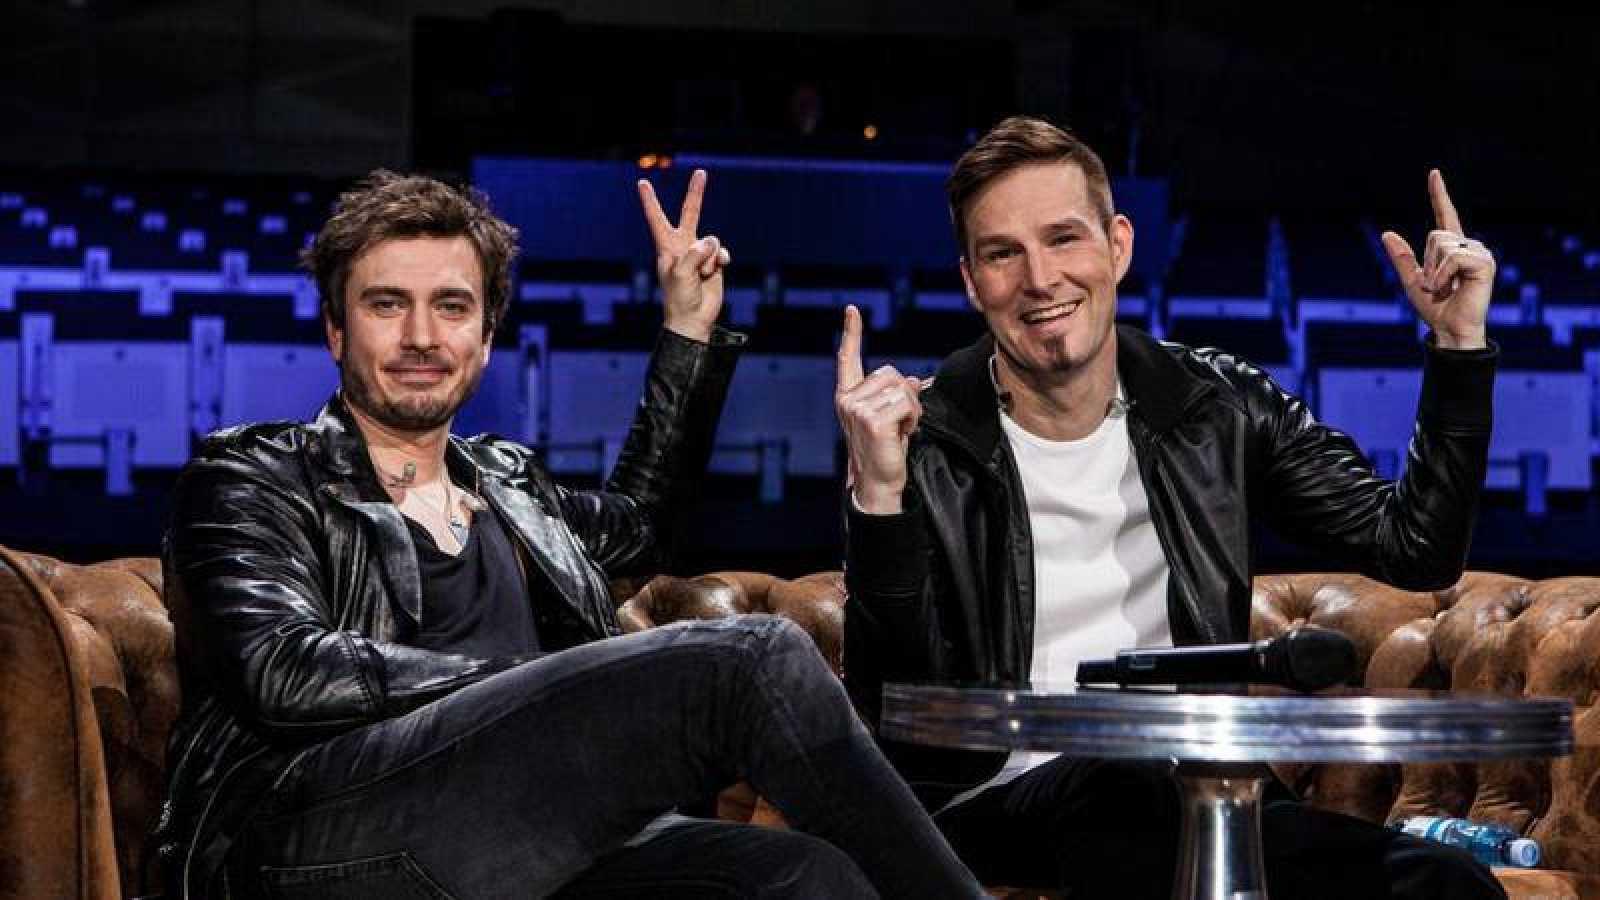 Sebastian Rejman y Darude representan a Finlandia en Eurovisión 2019